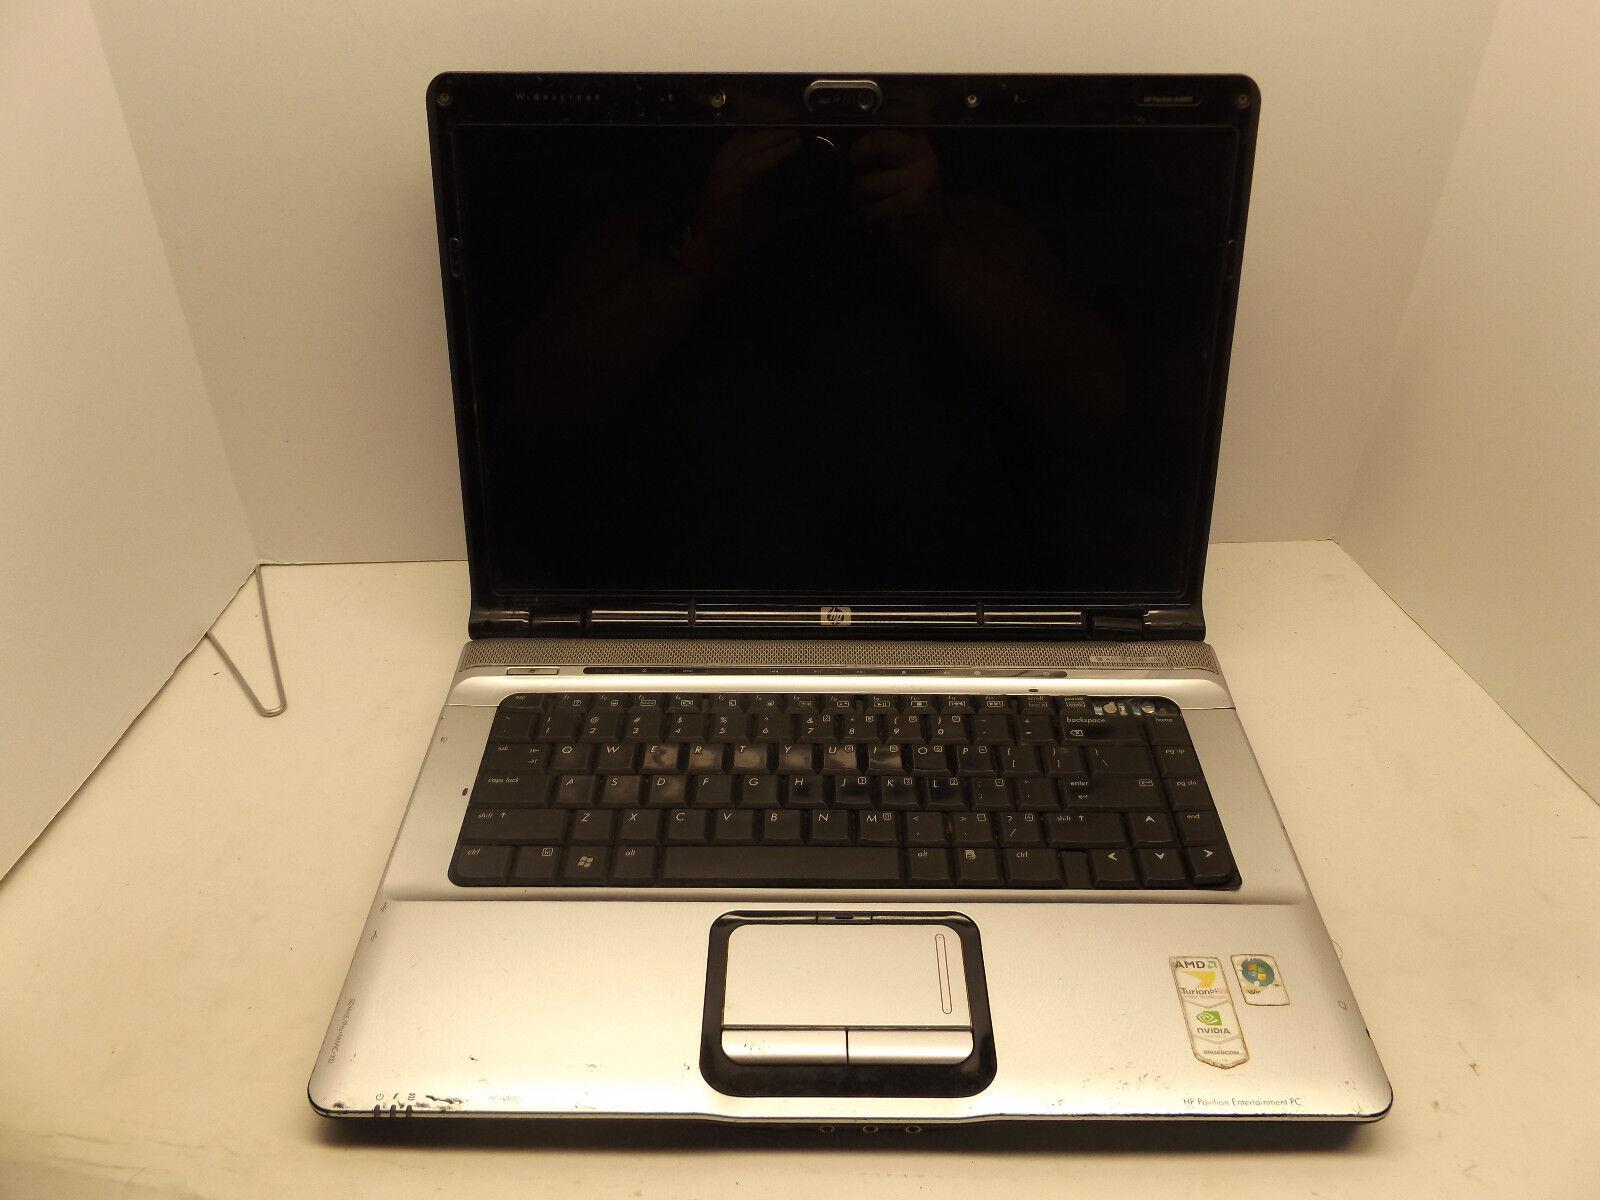 HP Pavilion dv6627om Turion 64 X2 cpu, 2gb Ram, No HDD